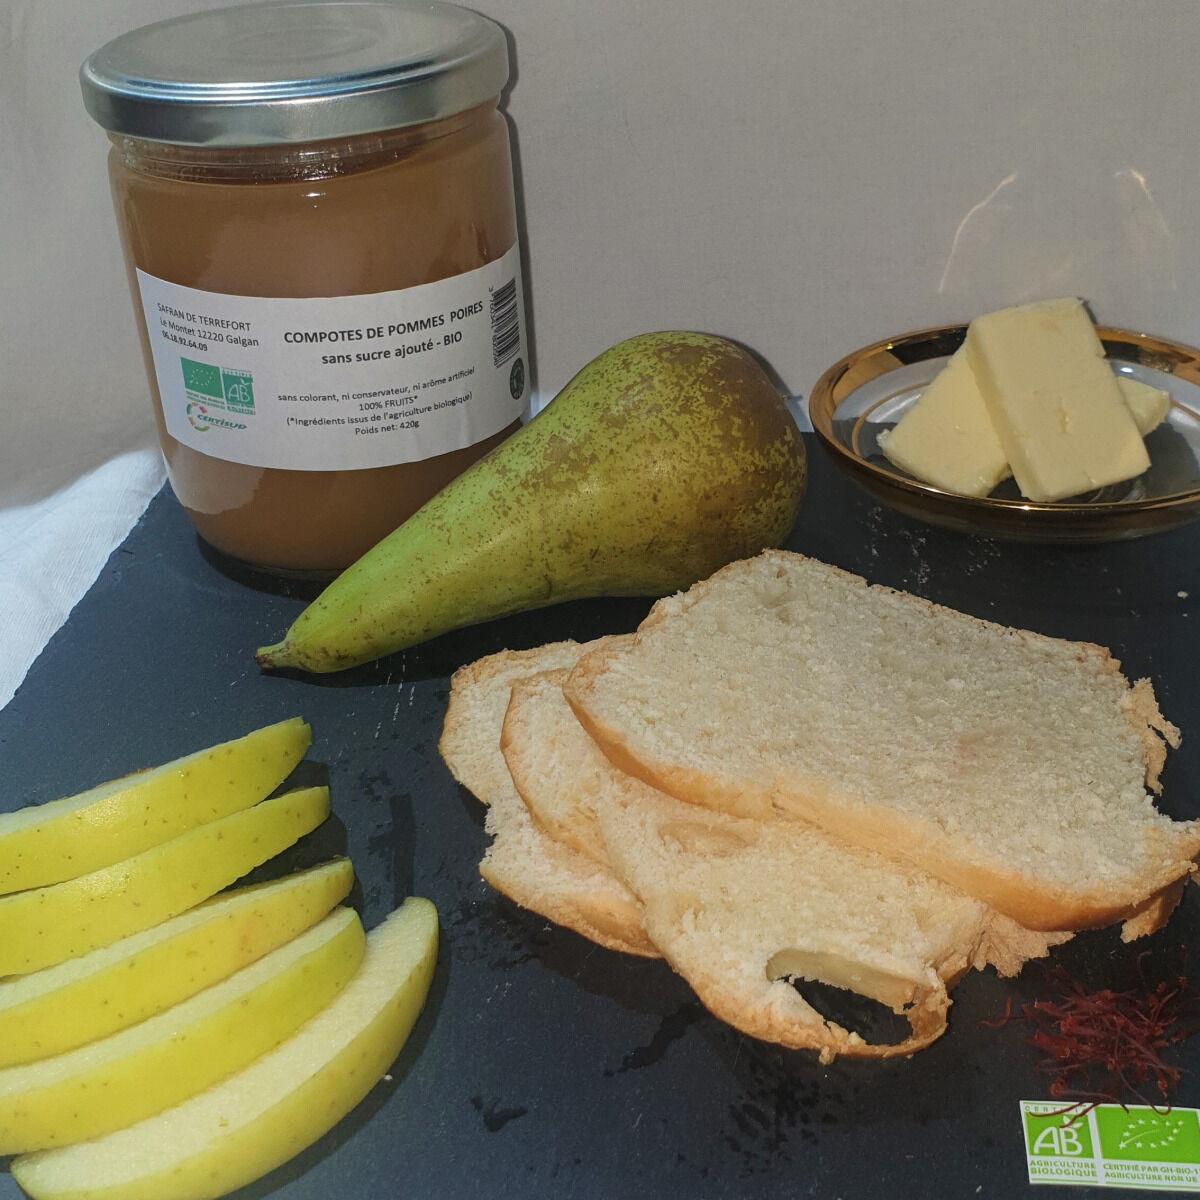 La Ferme du Montet Compote de Pommes Poires  sans sucre ajouté BIO - 420 g